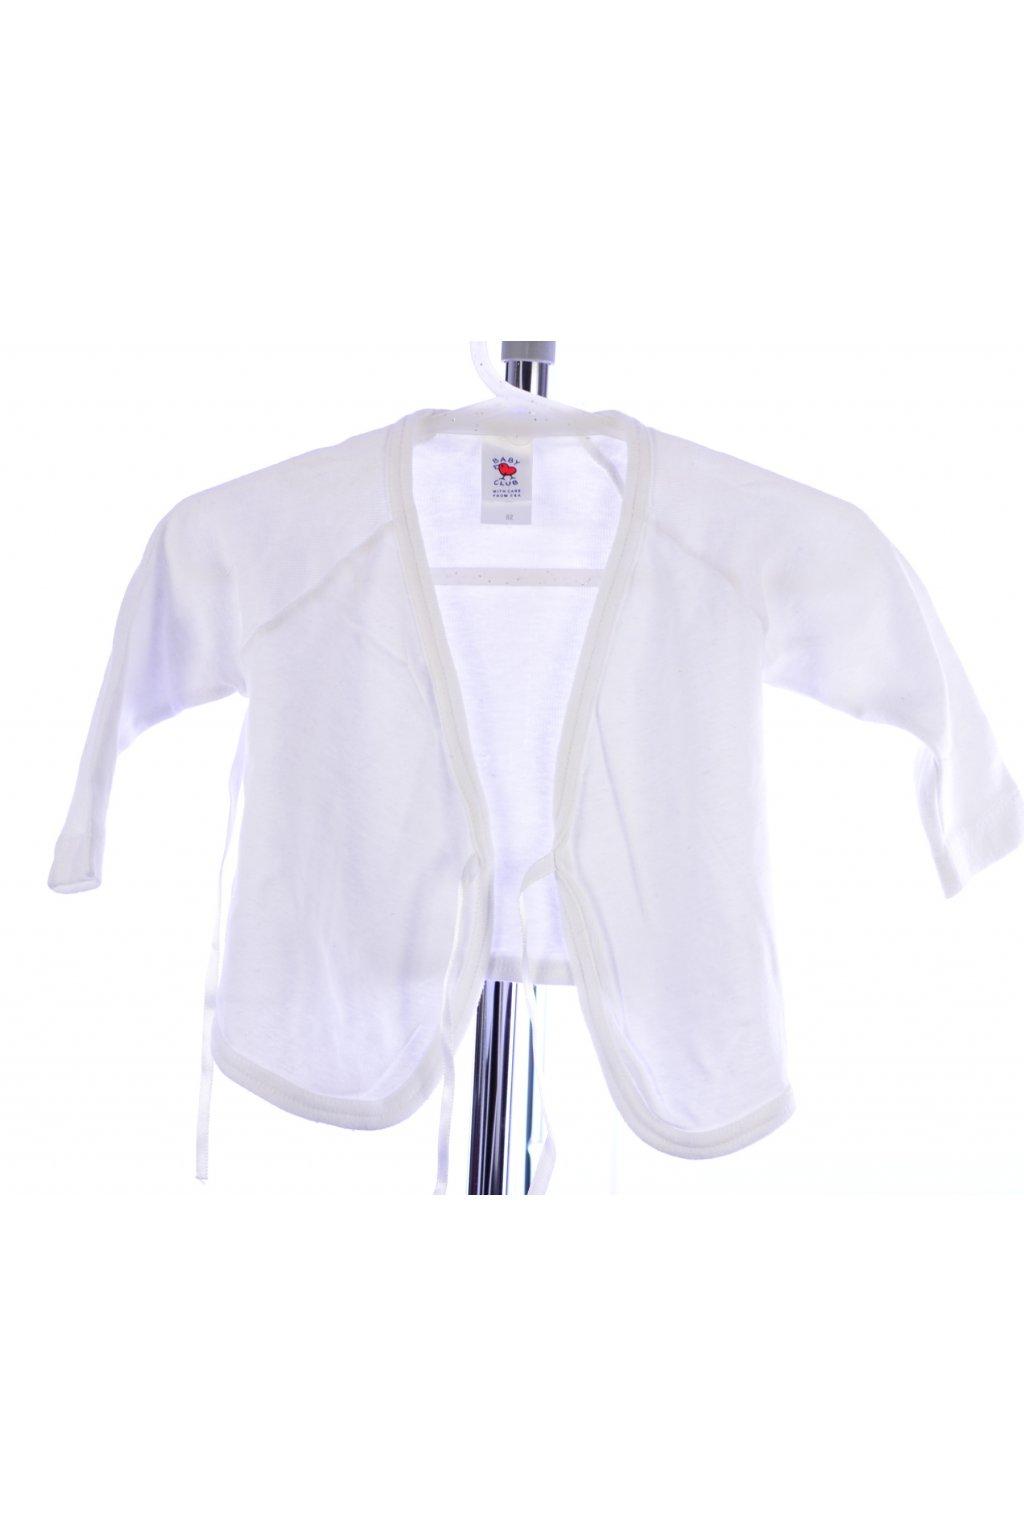 Tričko bílé C&A vel. 62